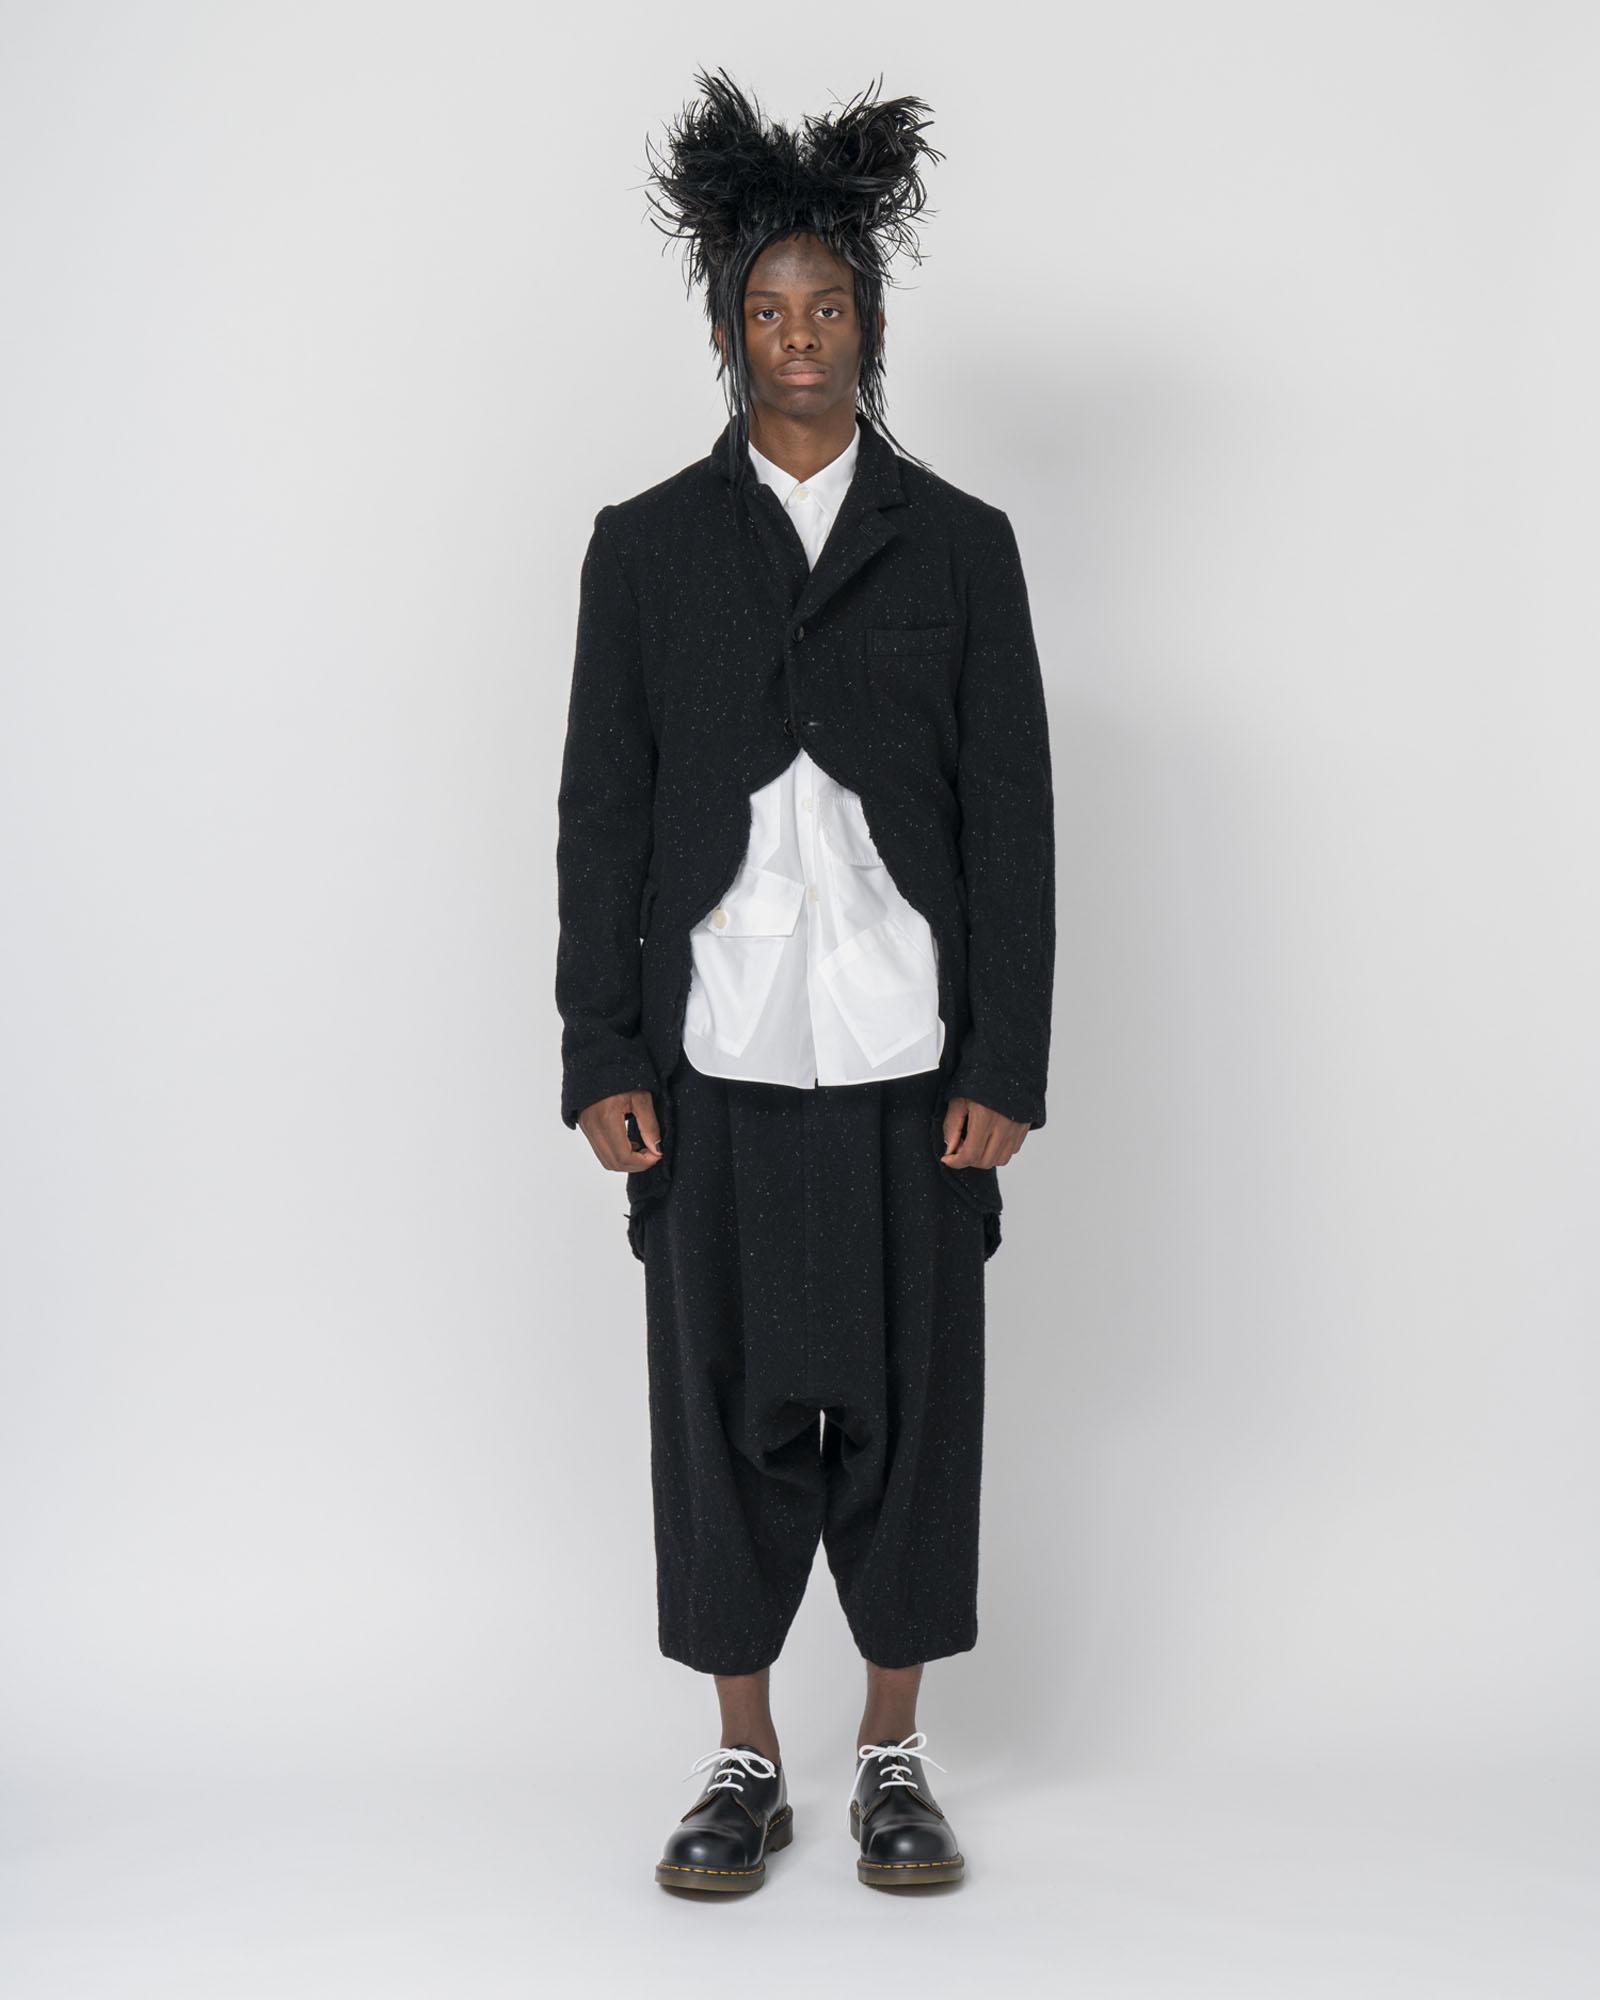 Black Comme des Garçons - shot 26